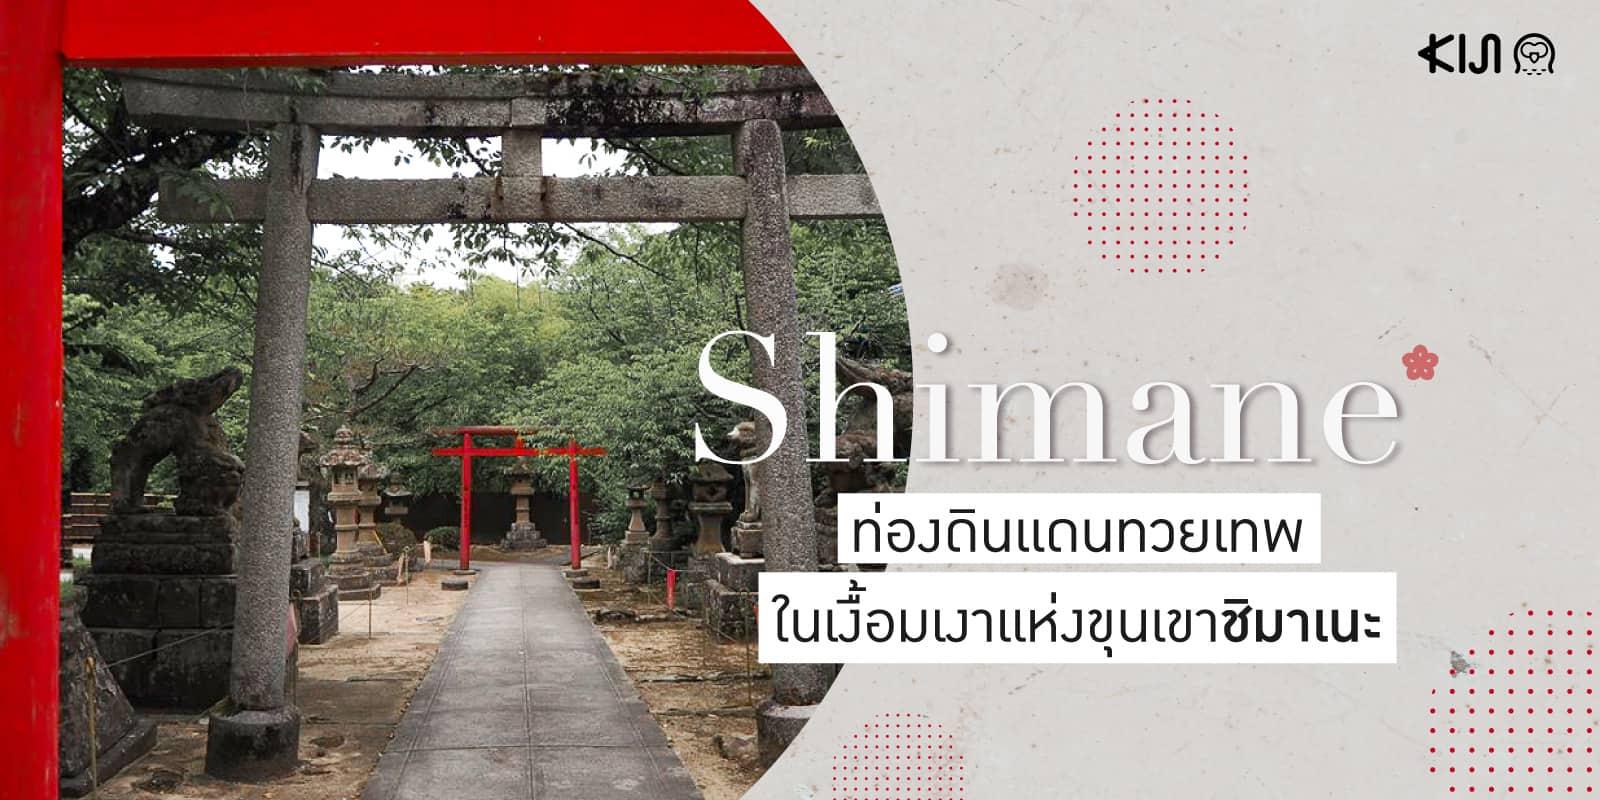 ที่เที่ยวชิมาเนะ (Shimane)